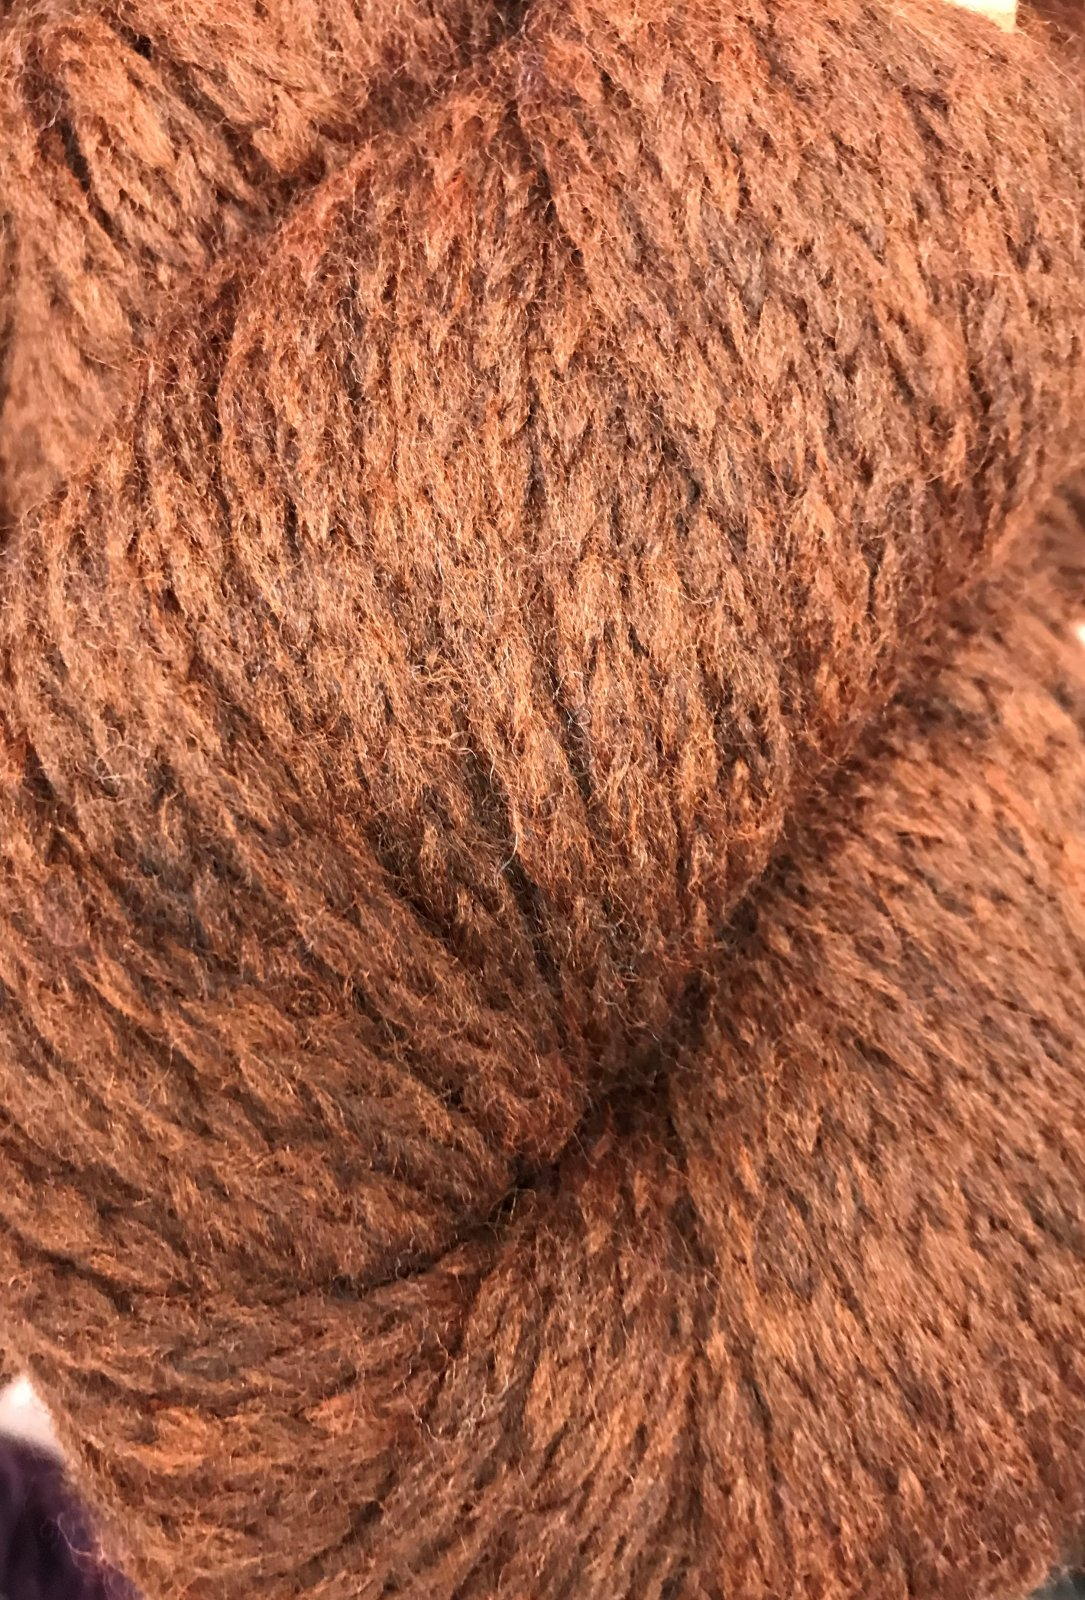 Fudge Brownie 1737 Mirasol Ushya 98/2 wool/poly 114y, 2.25sts=1on #15US